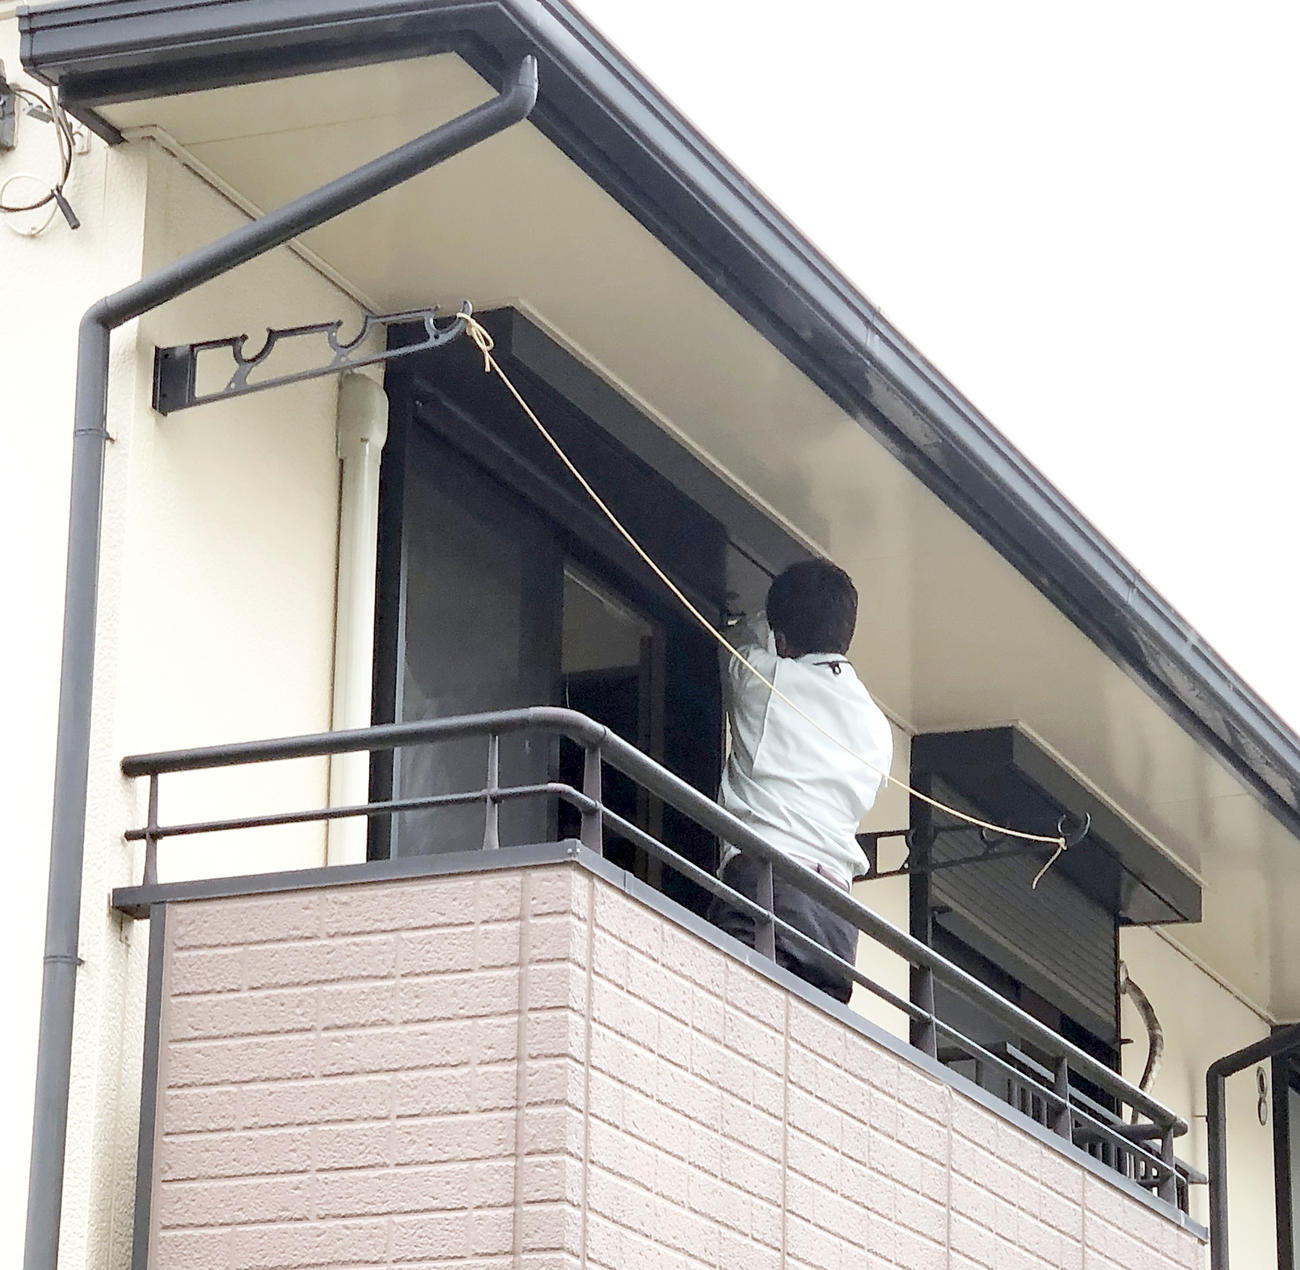 飼い主宅のベランダでアミメニシキヘビを捜す捜索員(撮影・阿部泰斉)